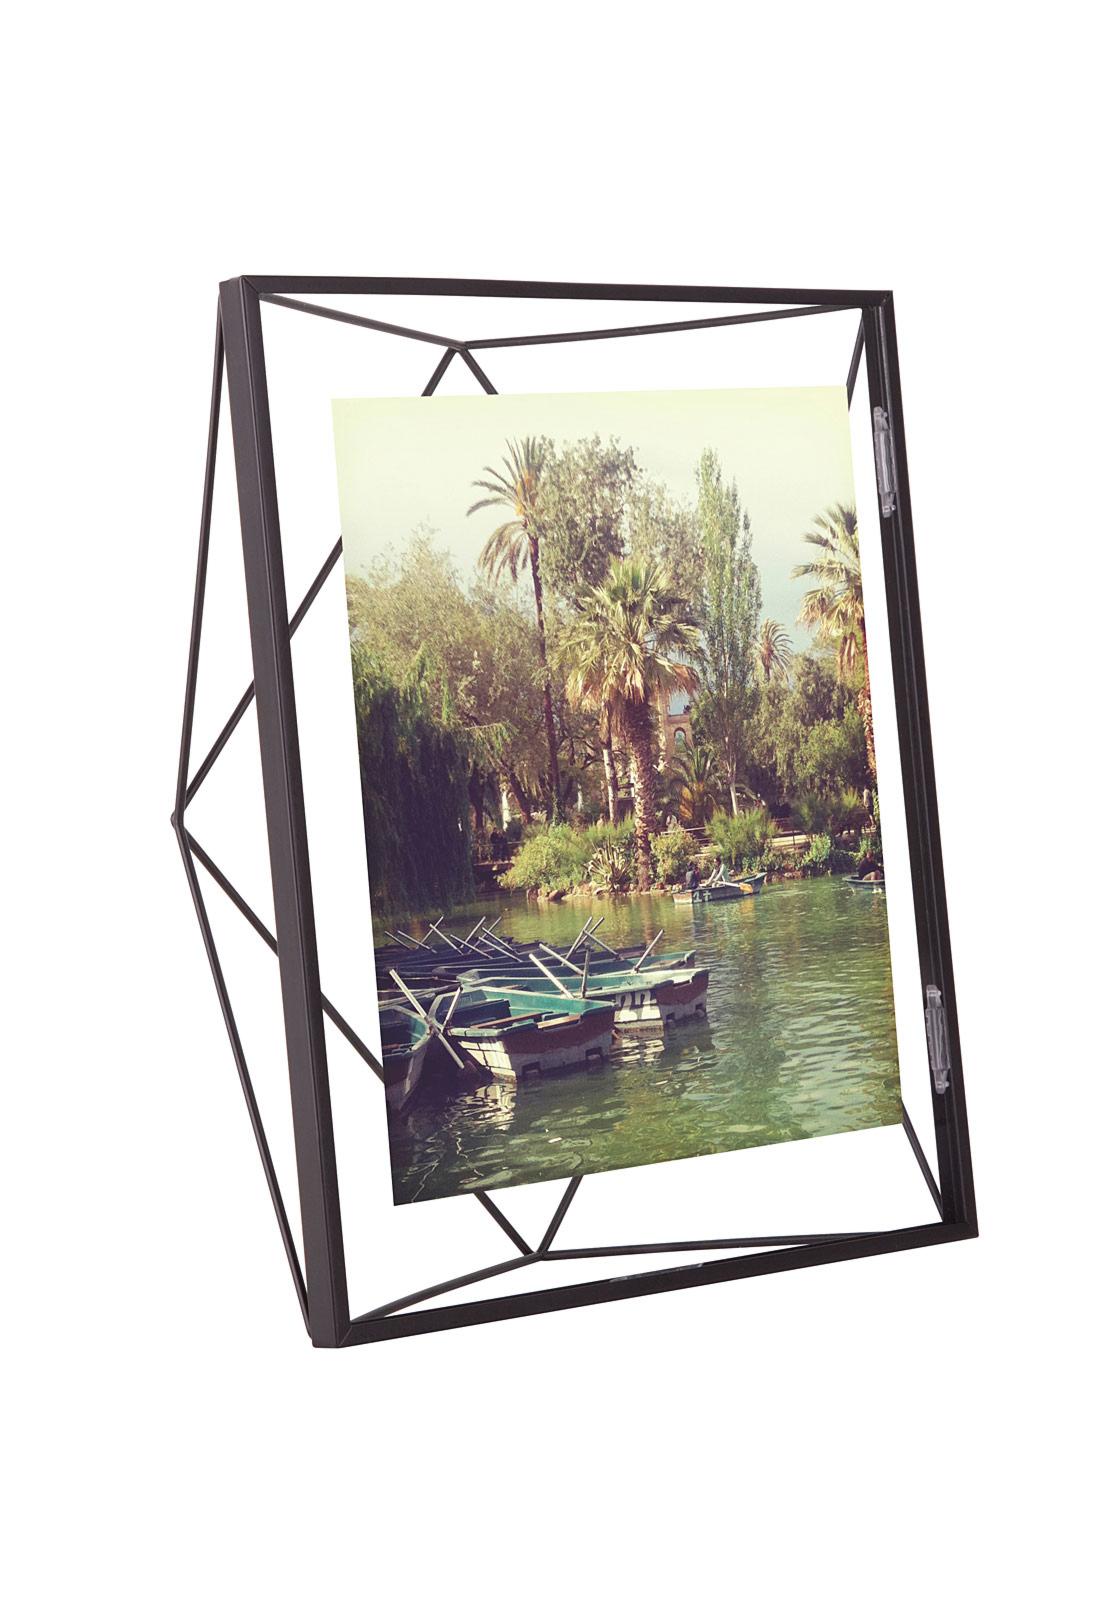 Porta-Retrato Umbra Prisma 8x10 Preto